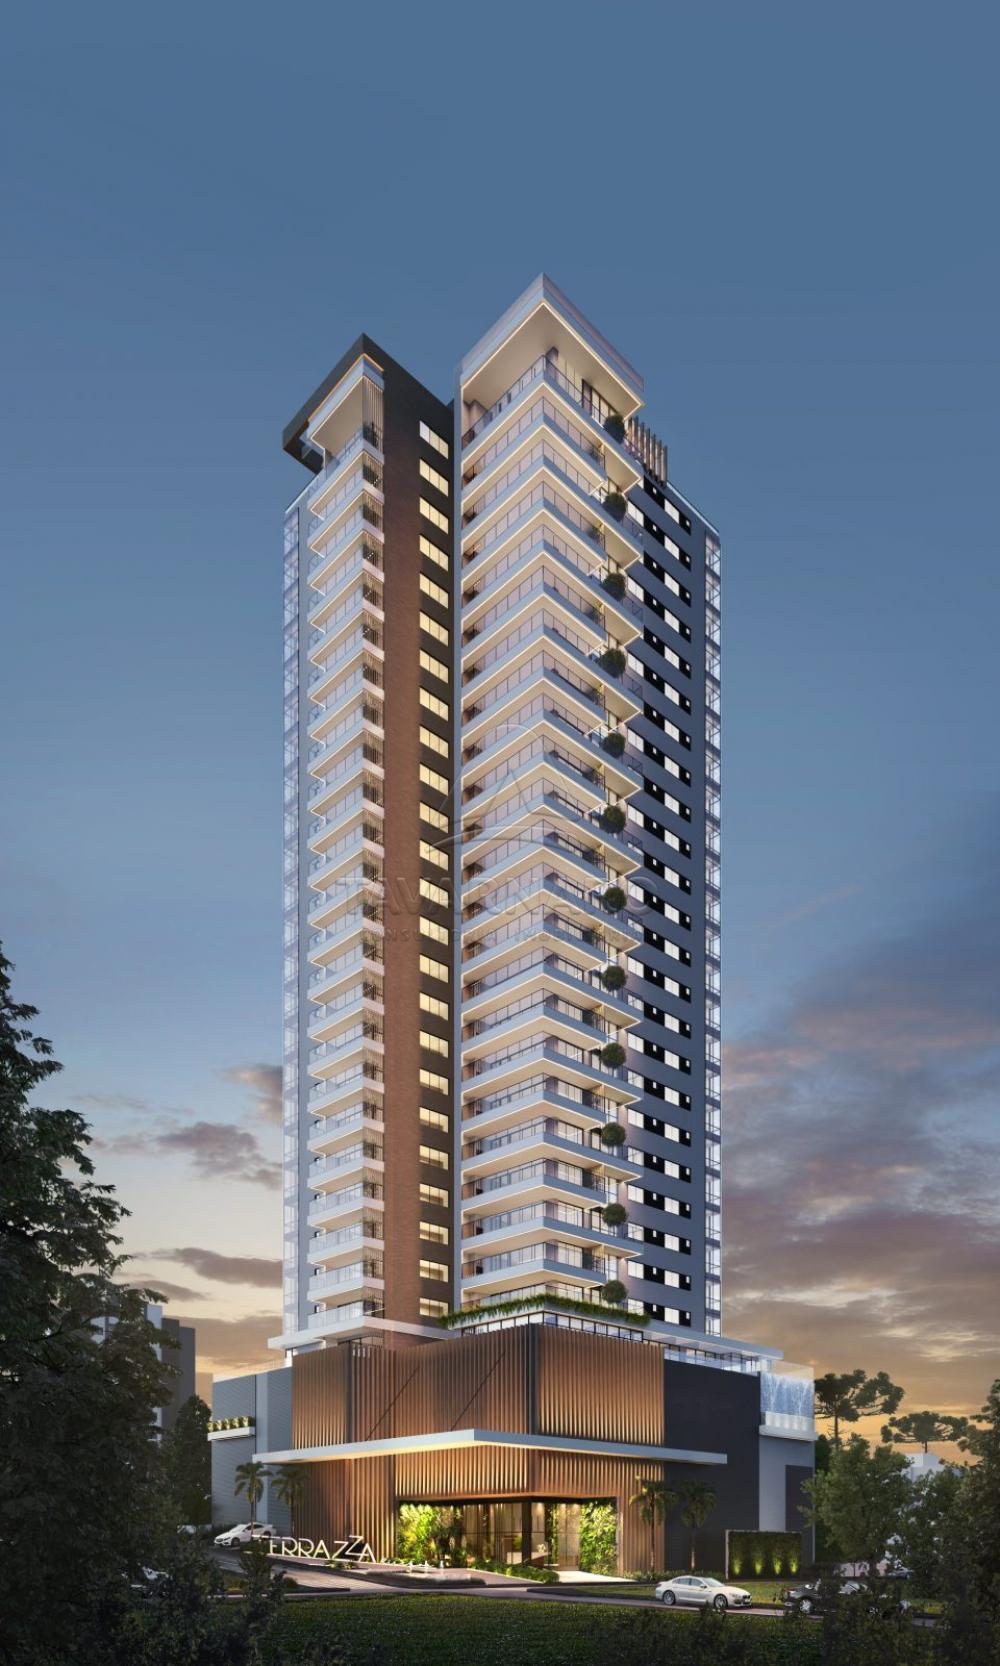 Comprar Apartamento / Padrão em Ponta Grossa R$ 975.000,00 - Foto 8